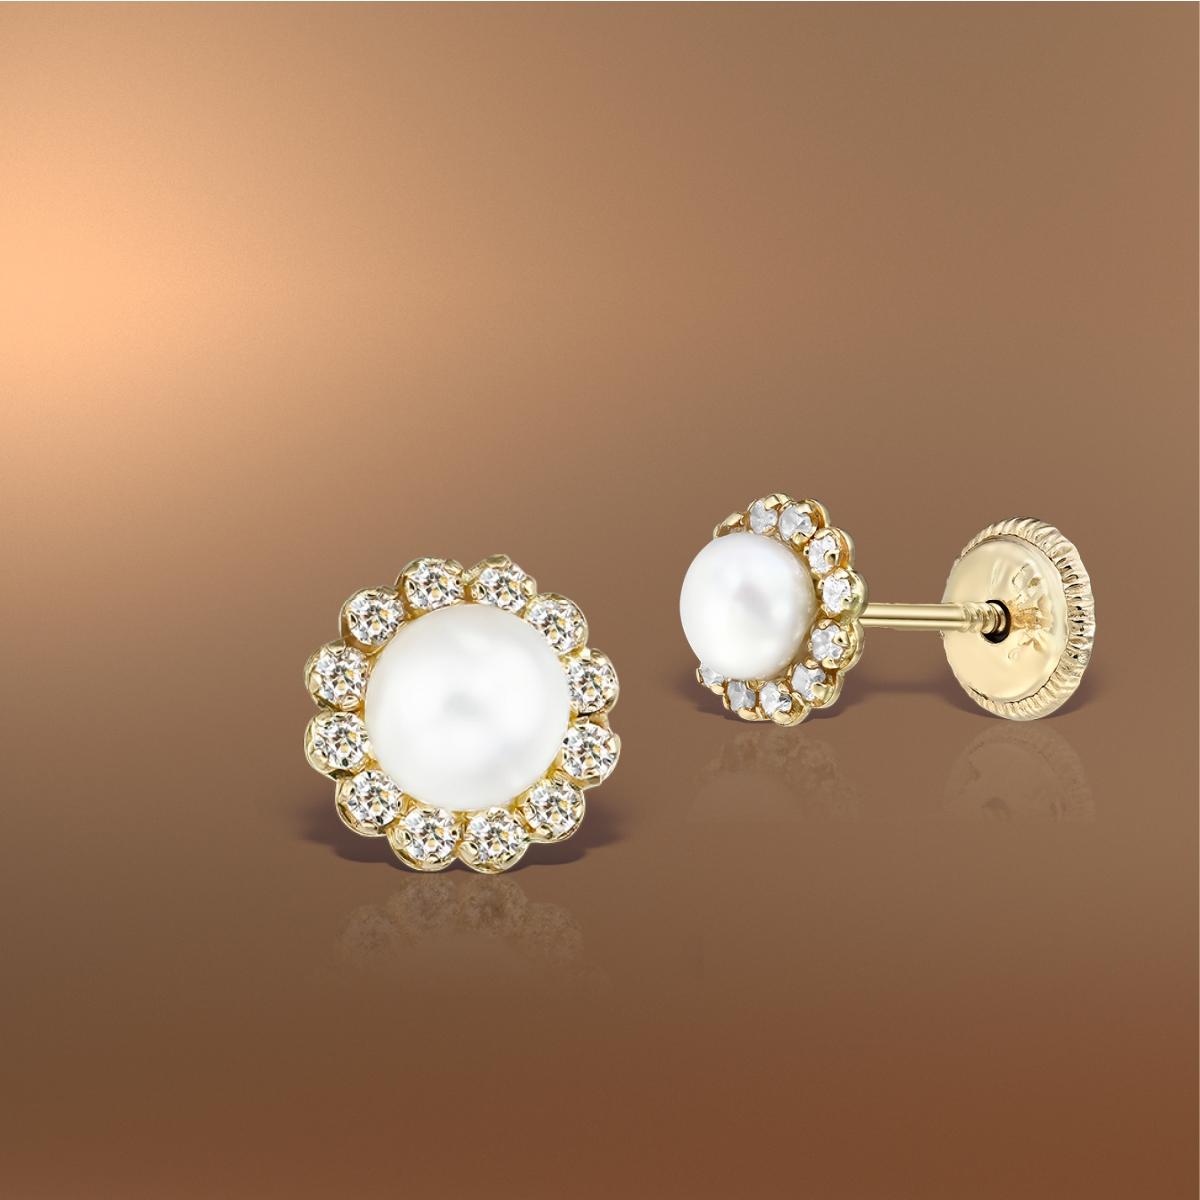 Cercei bebe aur perle și pietricele